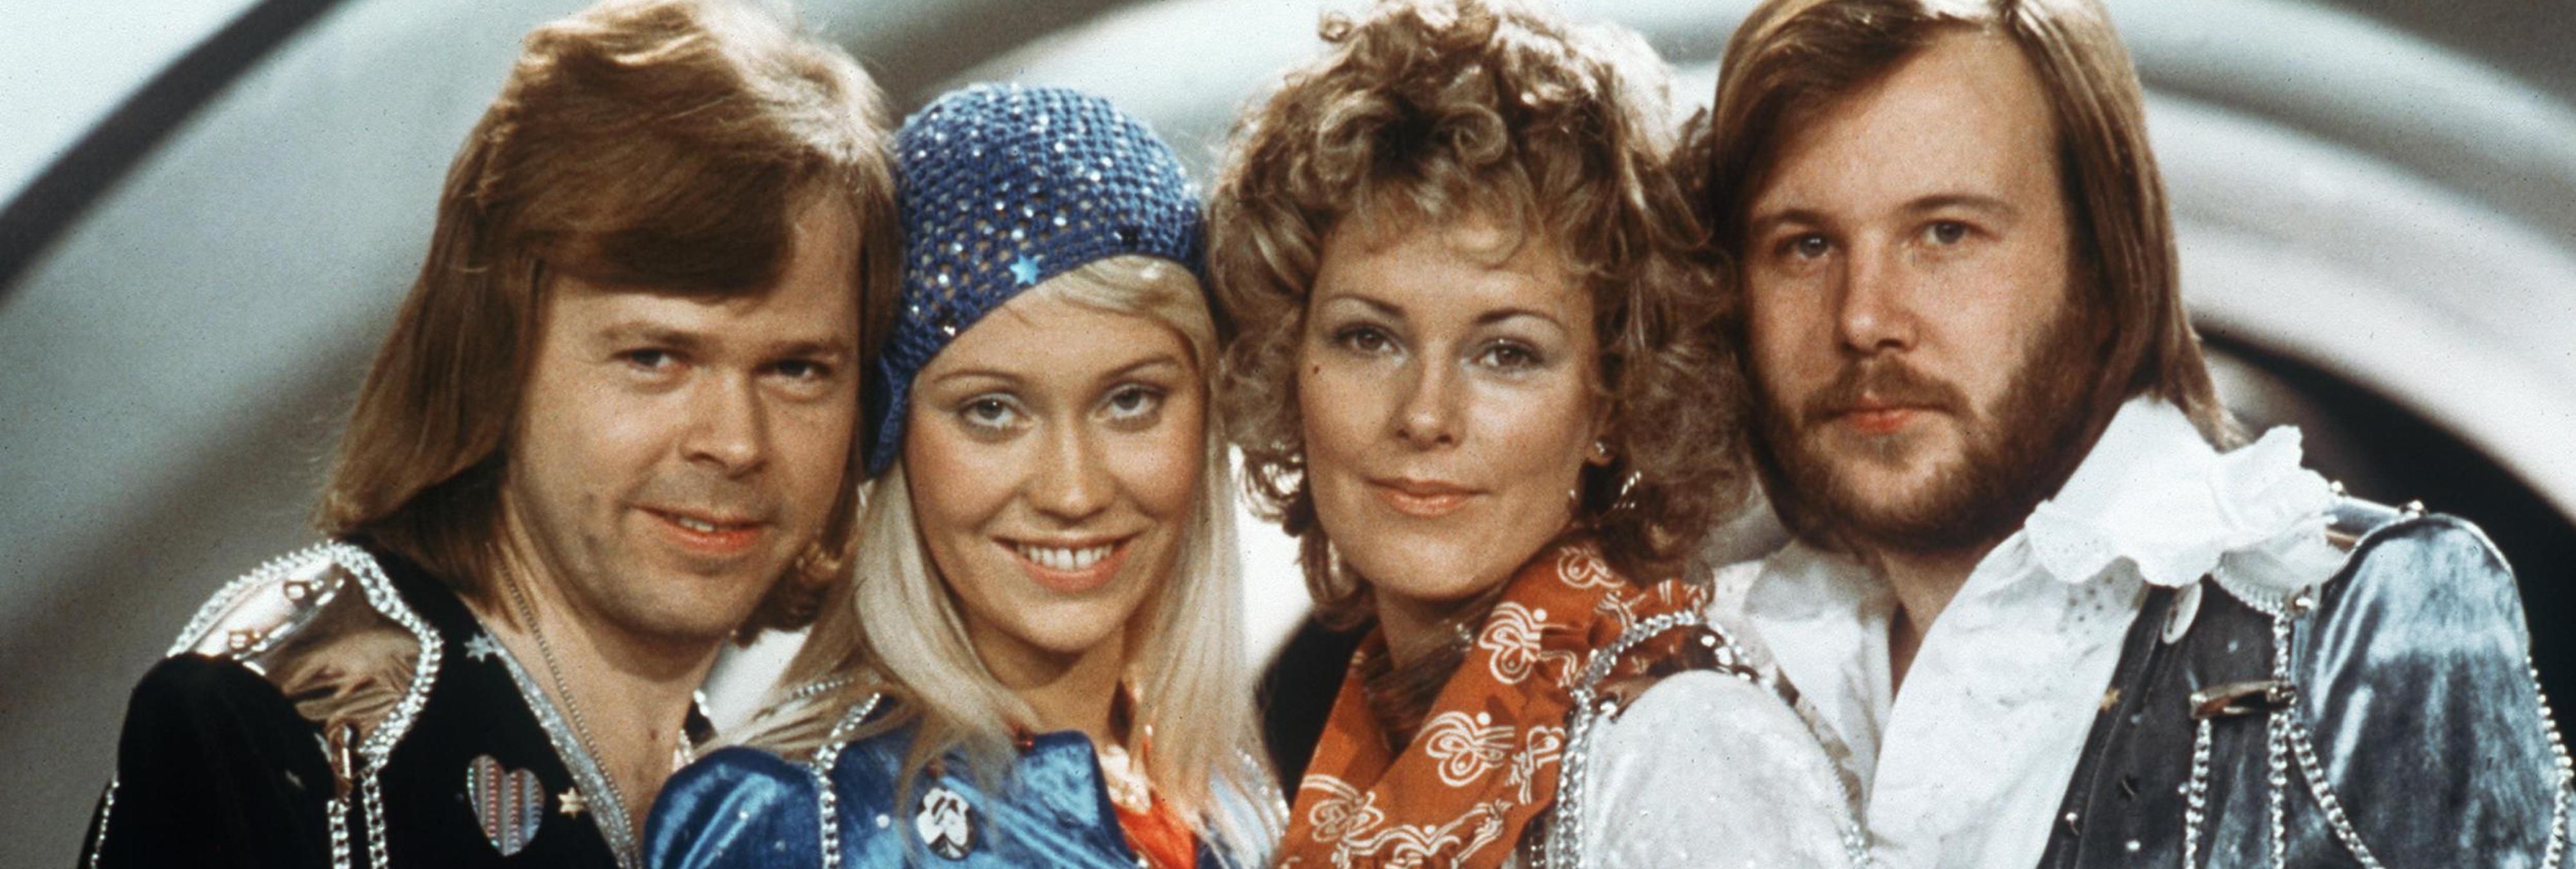 ABBA regresa a los escenarios en 2018